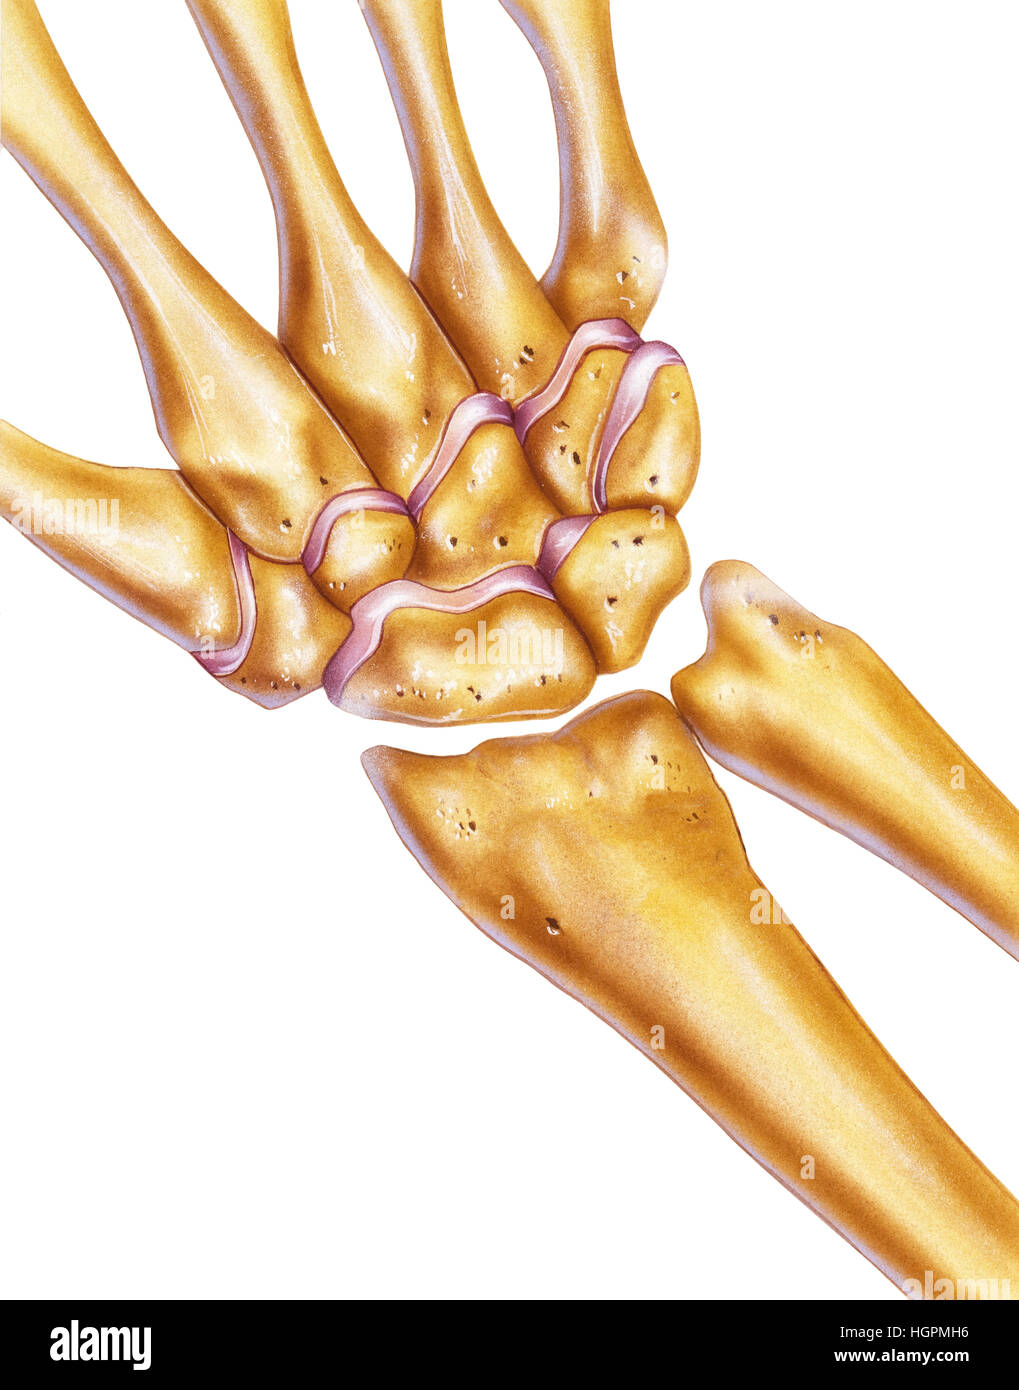 Hand und Handgelenk - Knochen & Gelenke Stockfoto, Bild: 130806178 ...